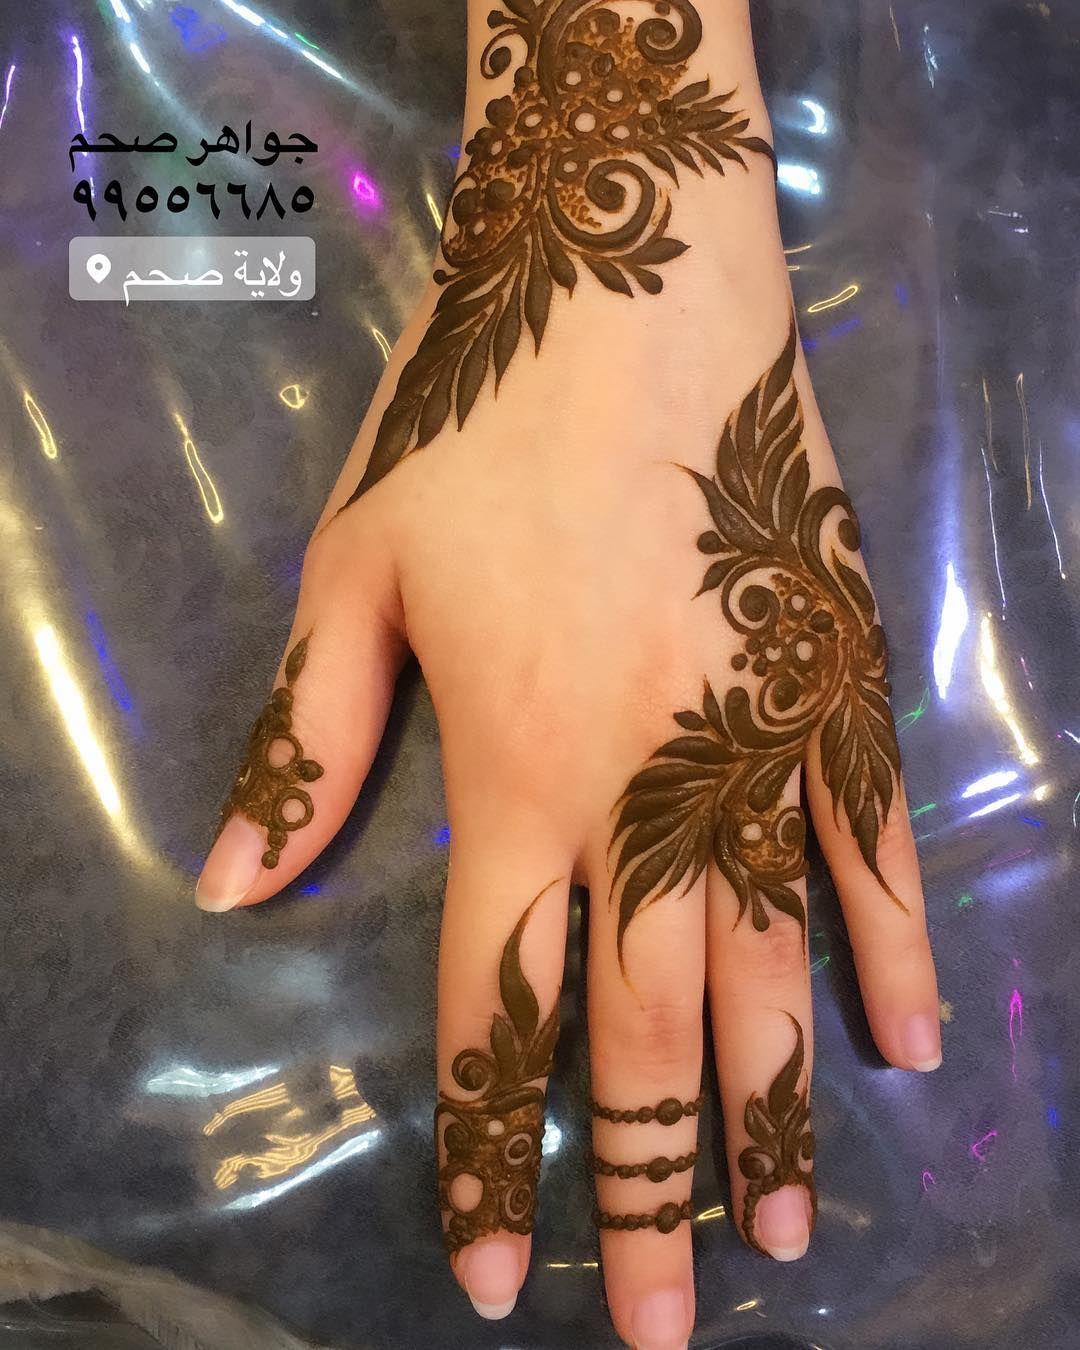 جـــواه ـــــر On Instagram ناعم مثل صاحبته ديانا الزدجاليه شكرا عمري من القلب ع المشاركه بالصوره ج Henna Designs Hand Mehndi Designs Rose Mehndi Designs